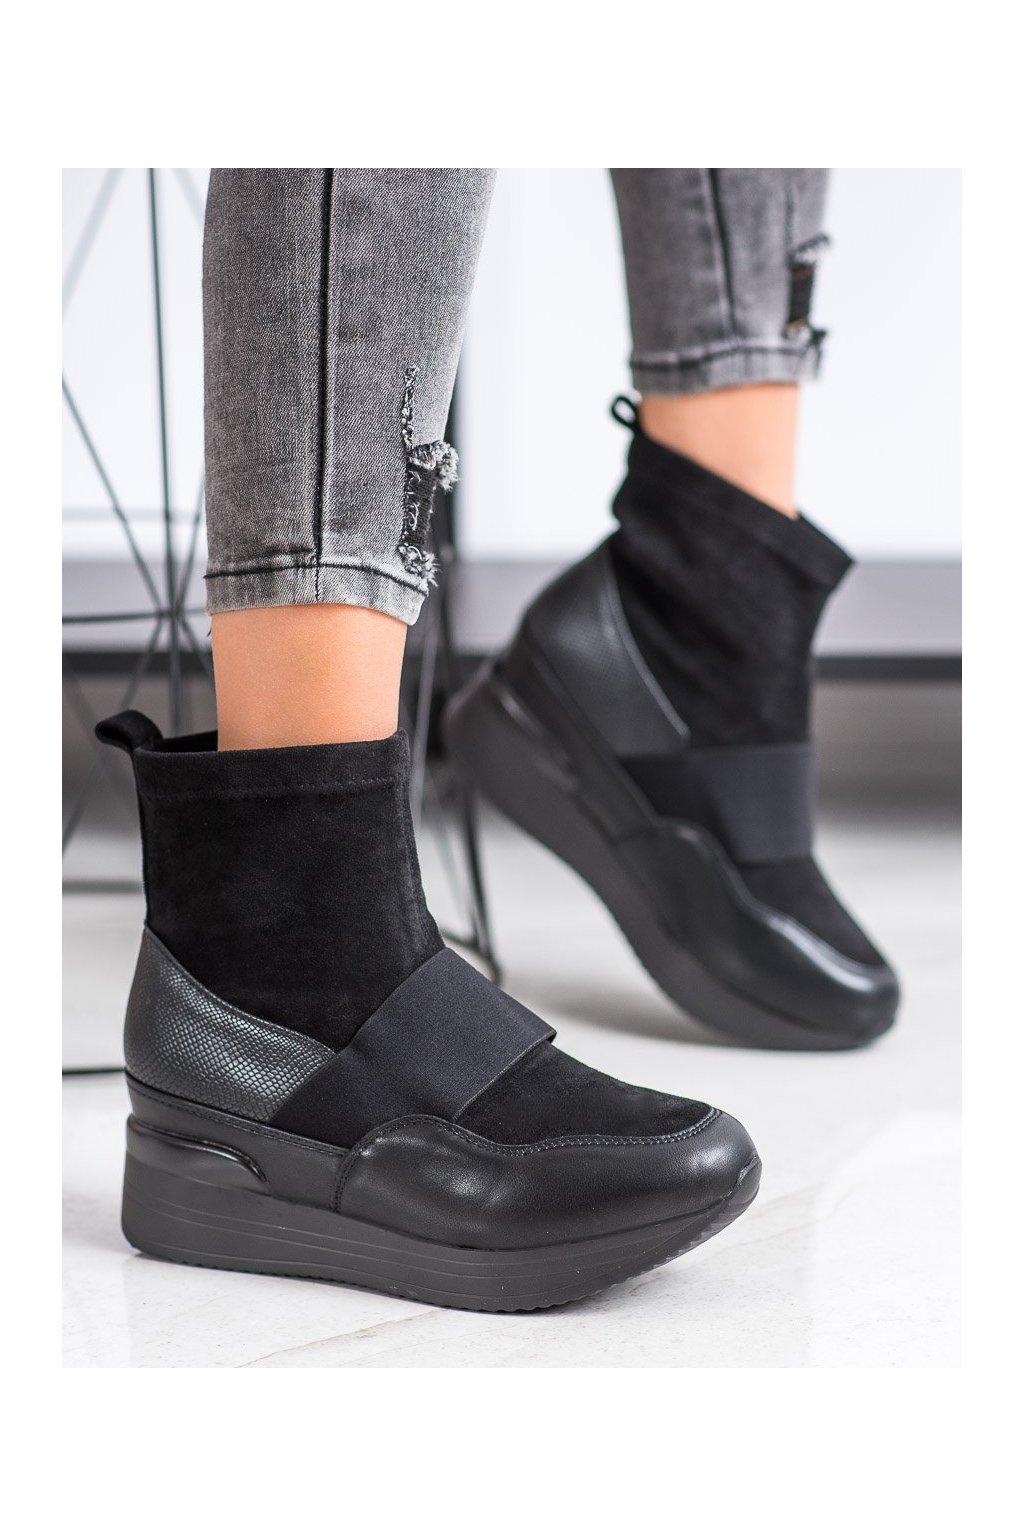 Čierne dámske topánky Shelovet kod DX5021B